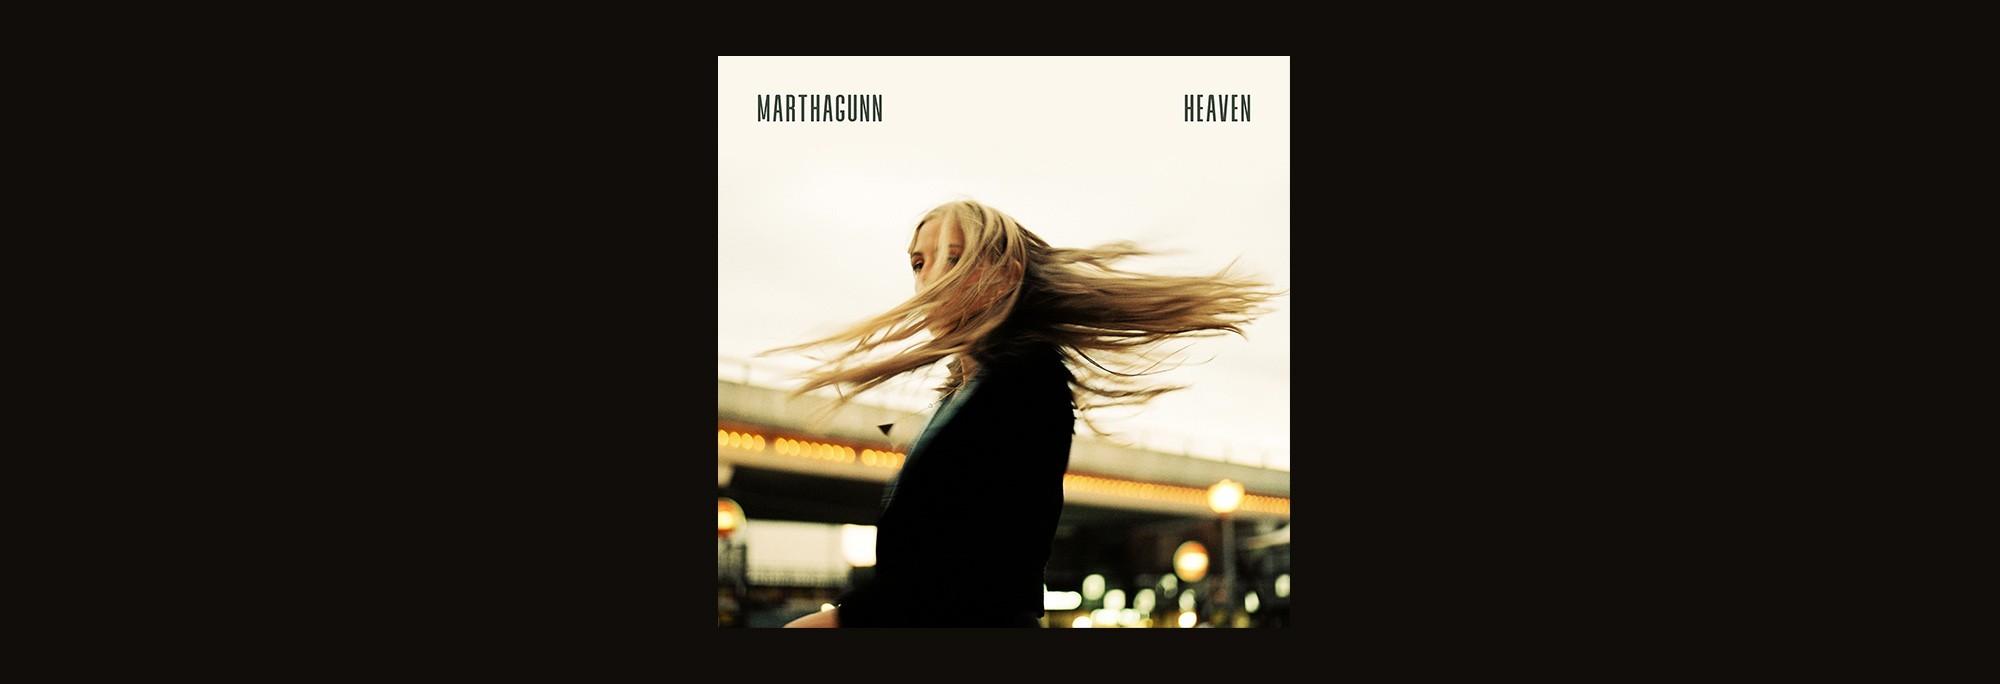 MarthaGunn - Heaven